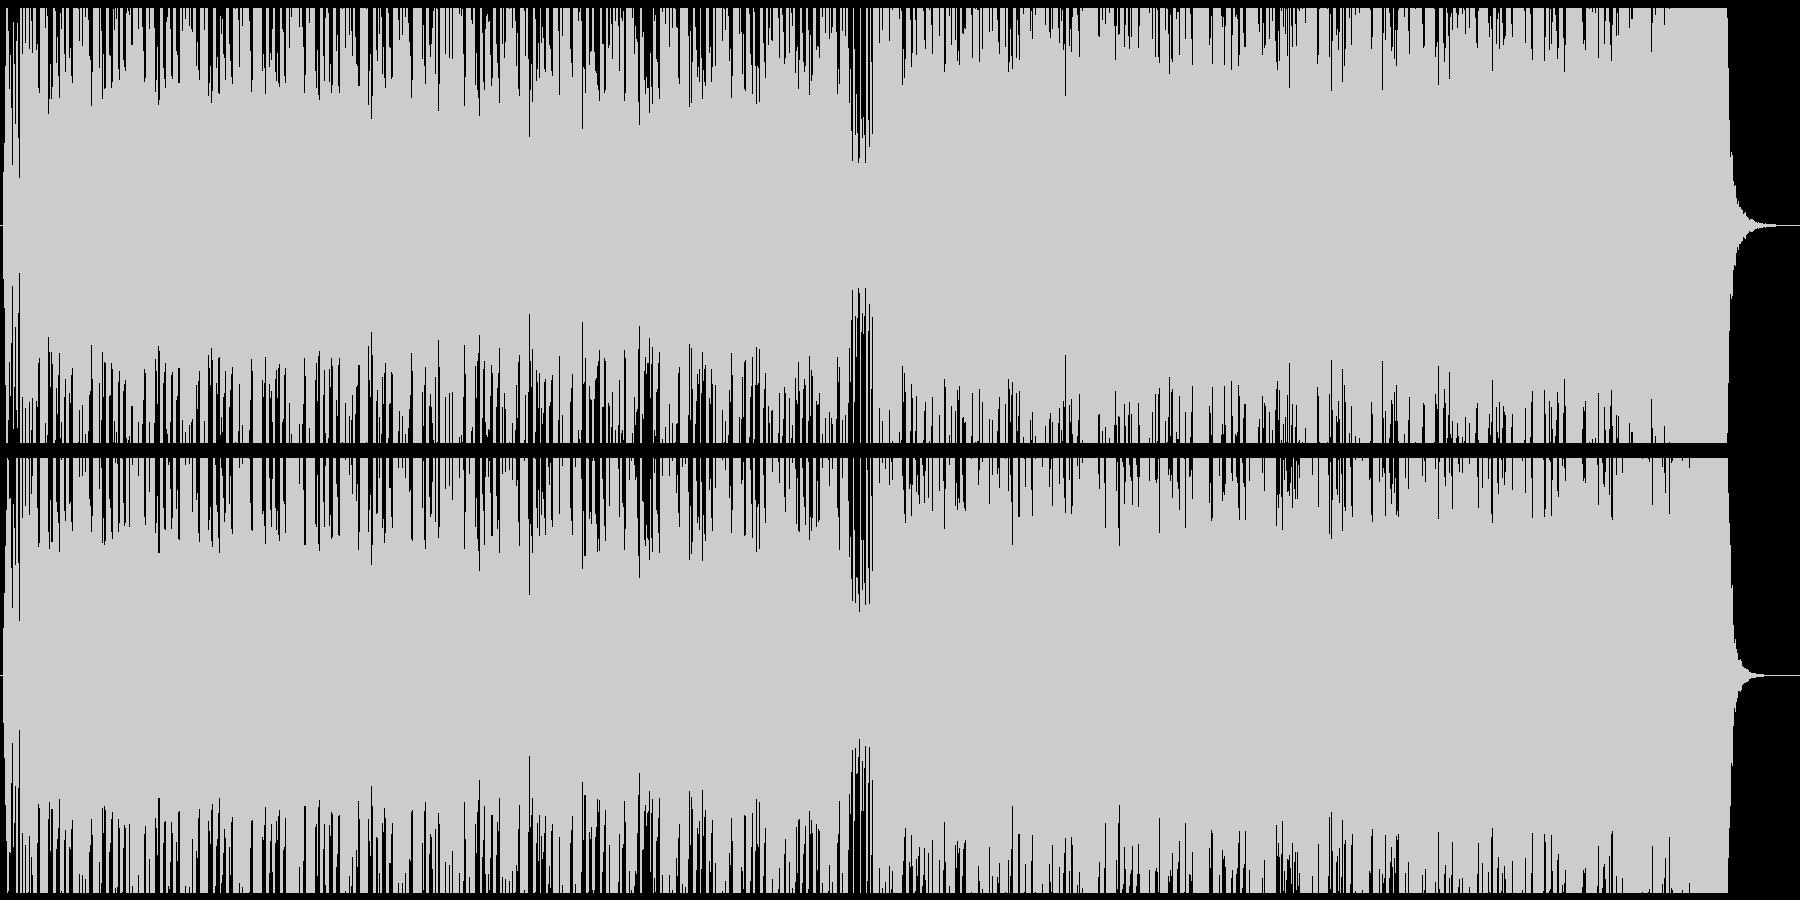 ノリノリの4つ打ちの未再生の波形